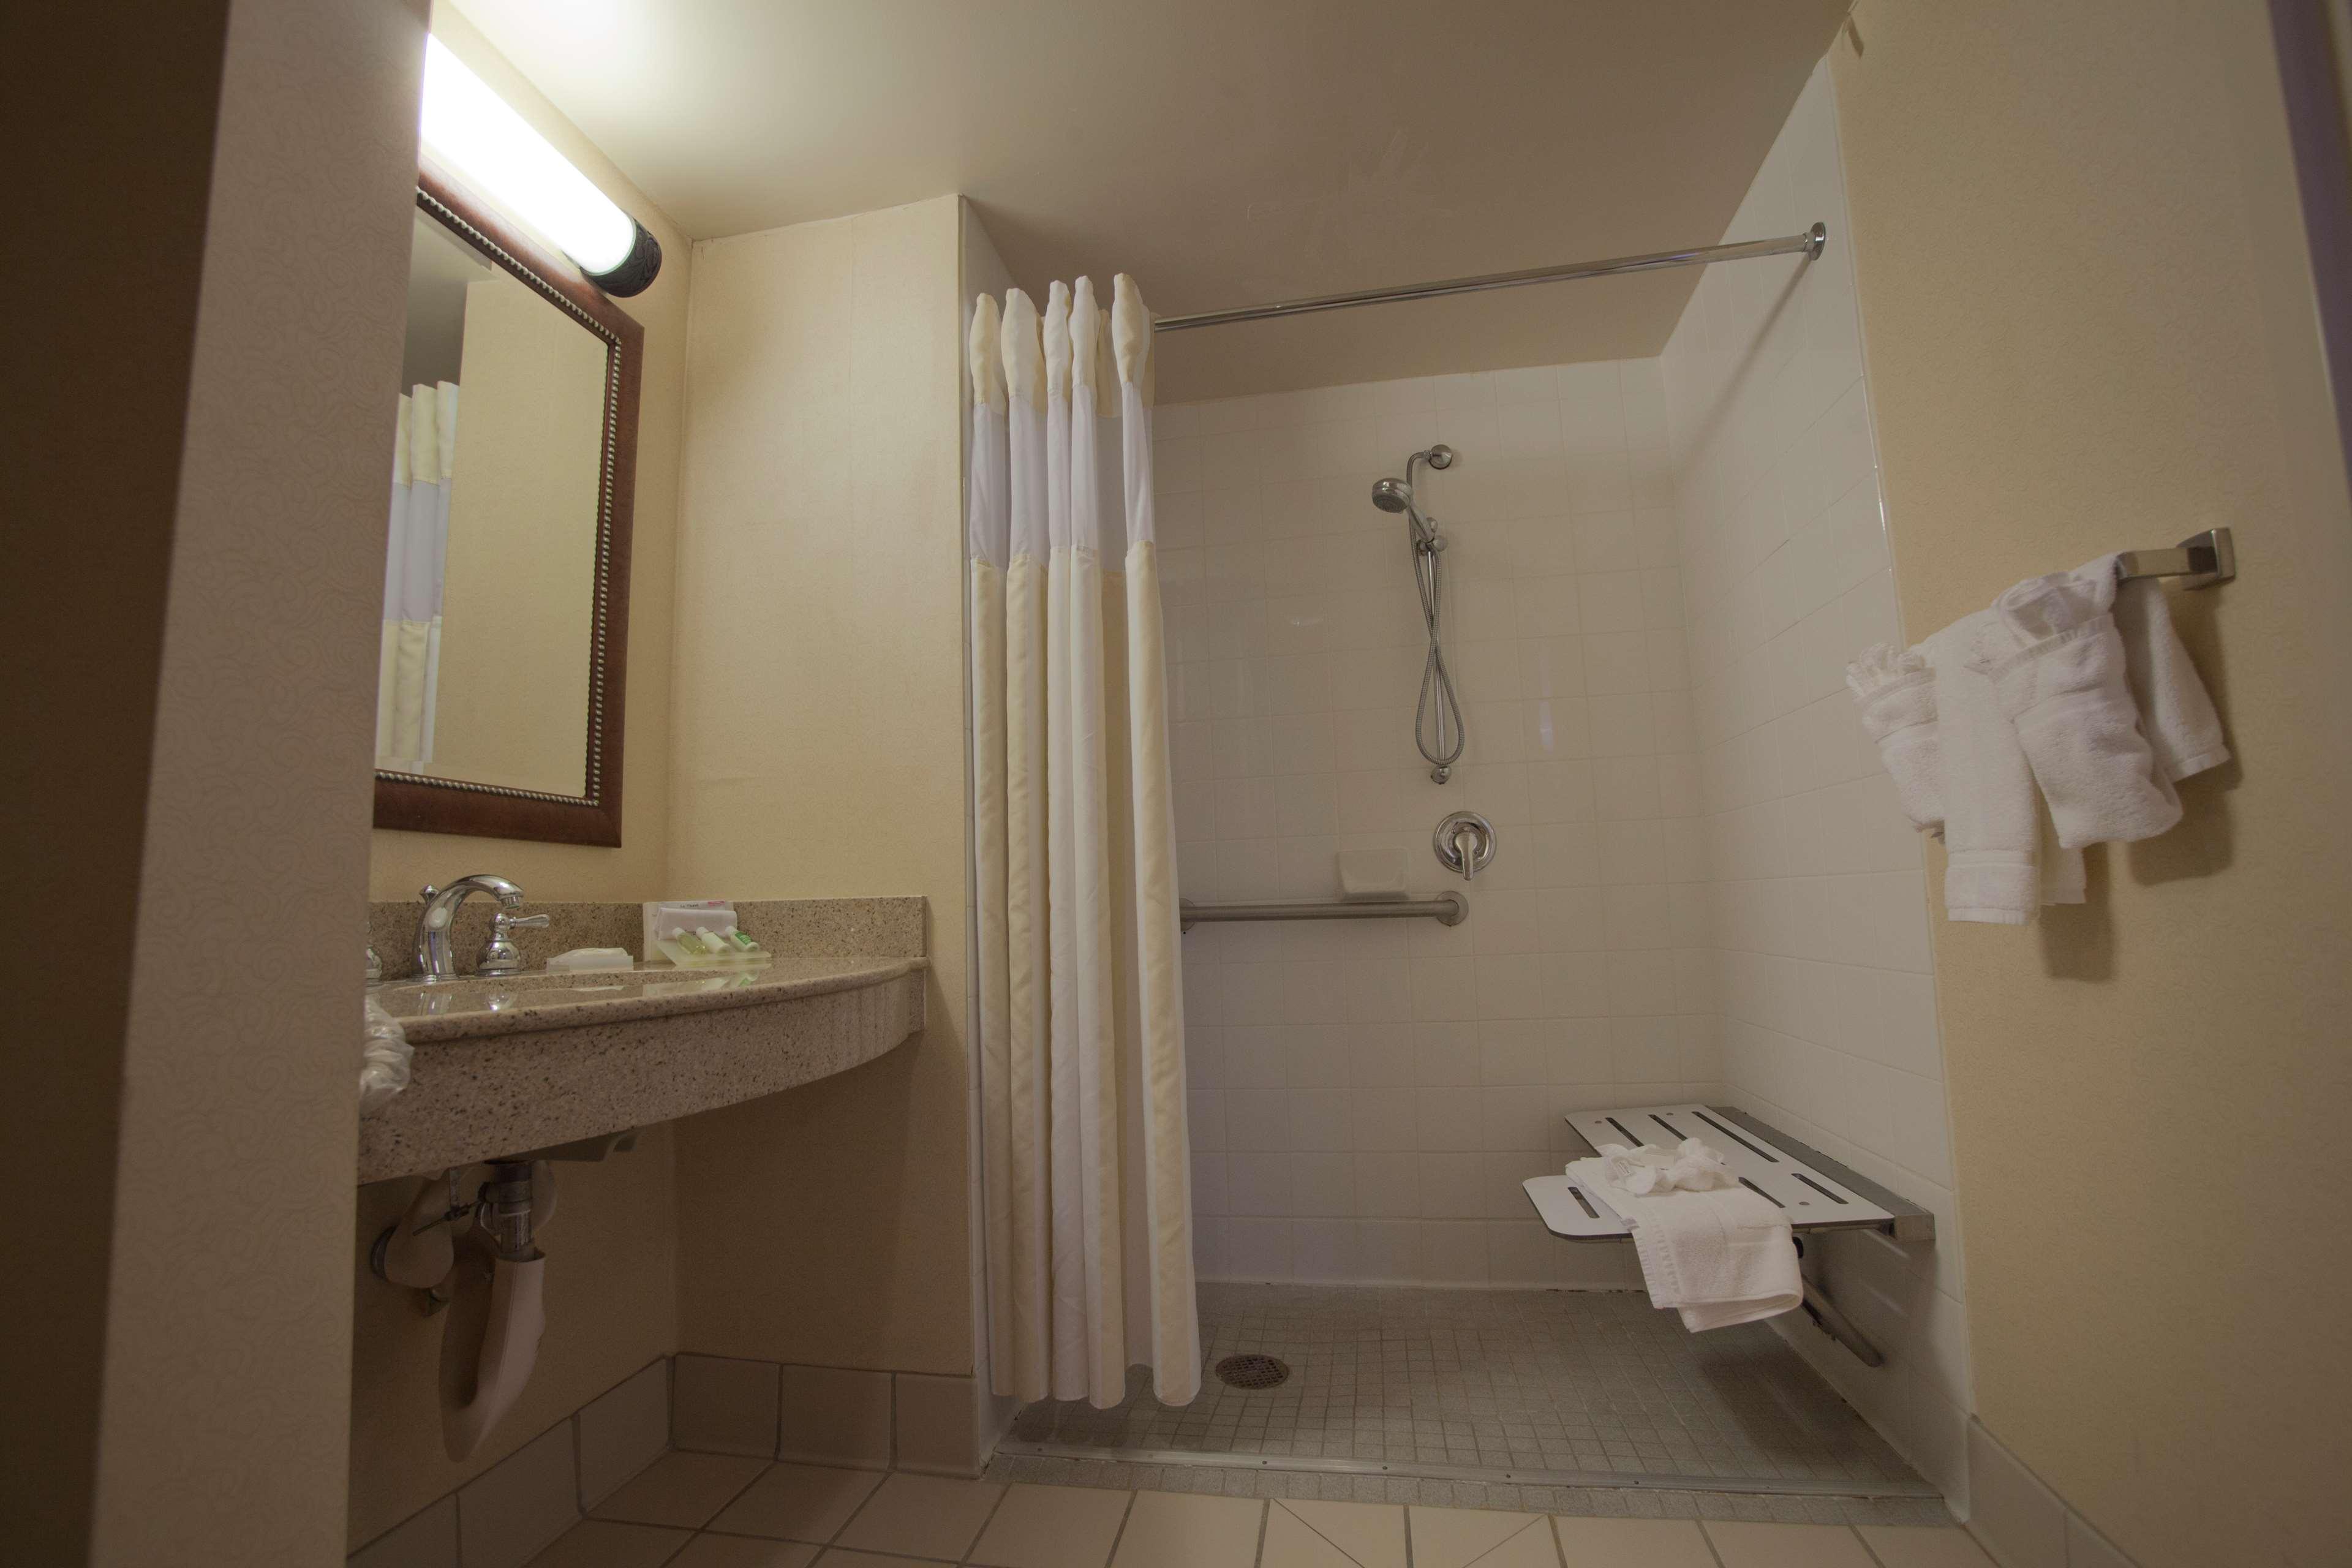 Hilton Garden Inn Albuquerque/Journal Center image 26